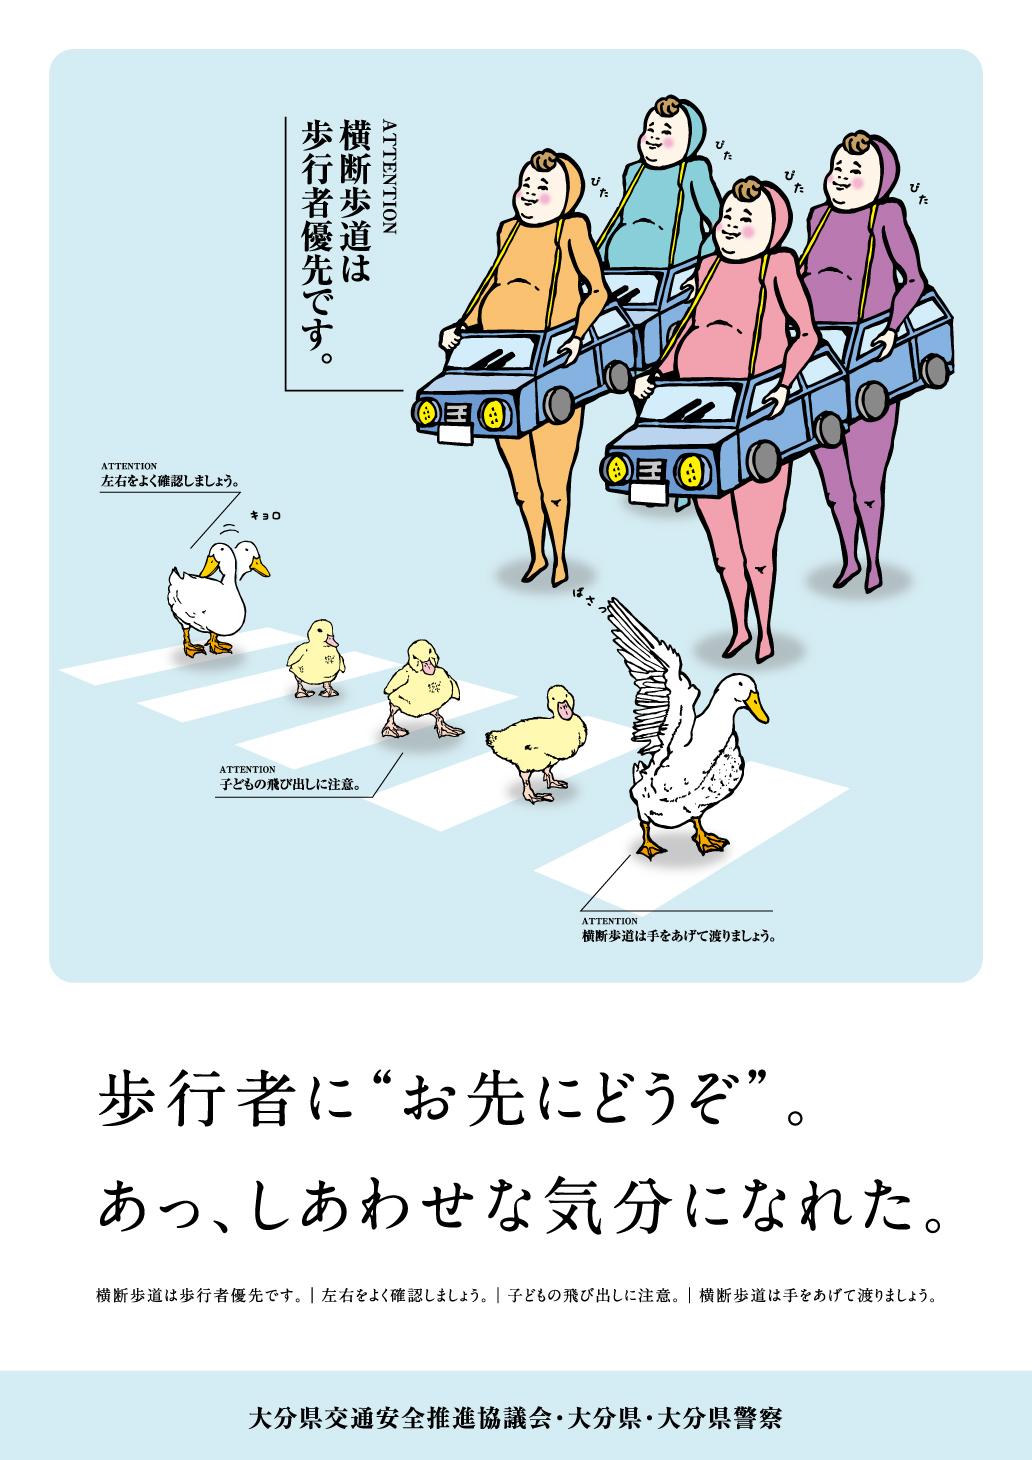 大分県警 平成30年度運転マナー ポスター